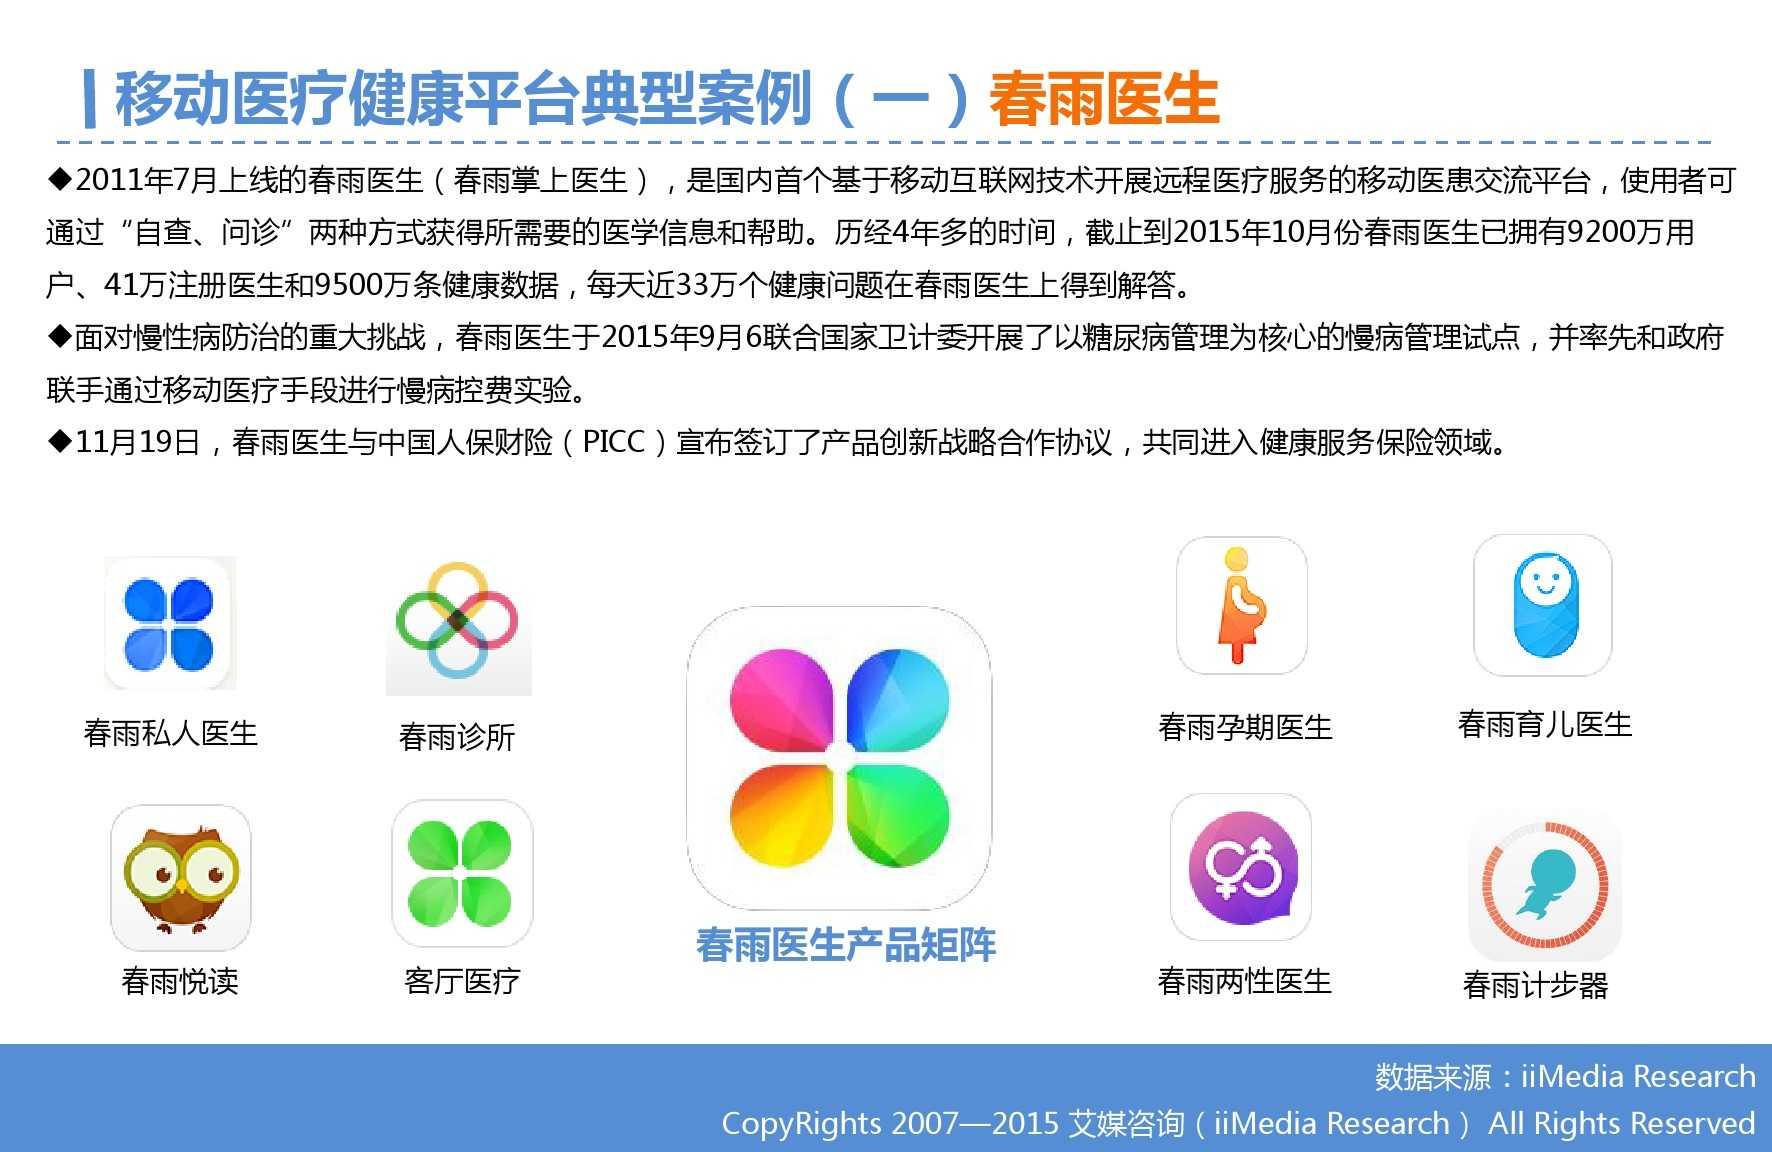 2015年Q3中国移动医疗健康市场监测报告_000016